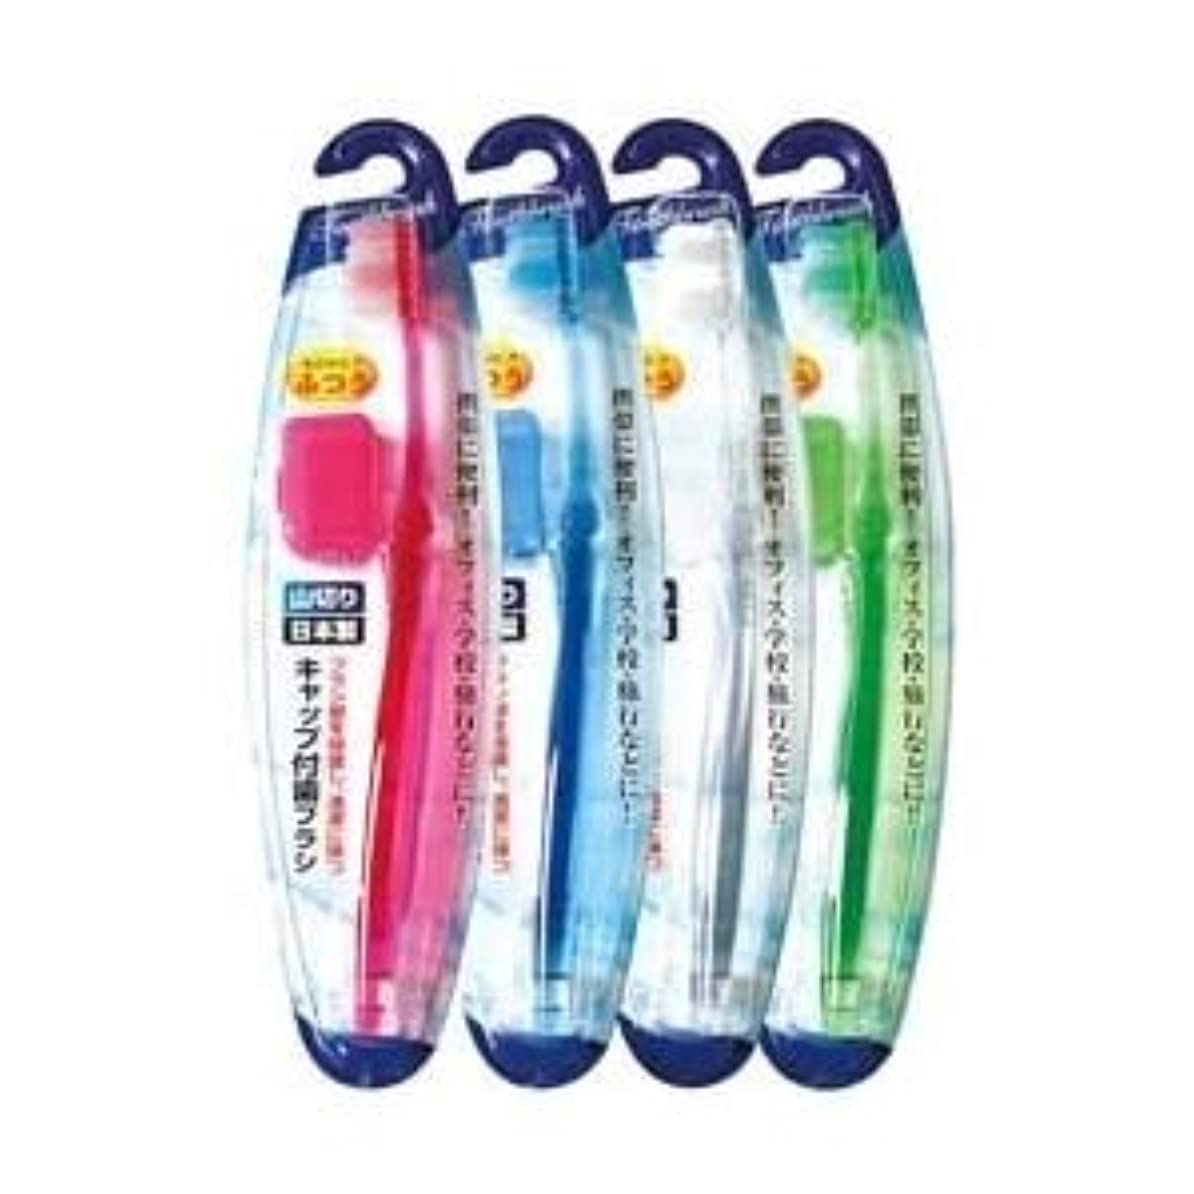 アイザック海賊ゴミ健康用品 キャップ付歯ブラシ山切りカット(ふつう)日本製 【12個セット】 41-209